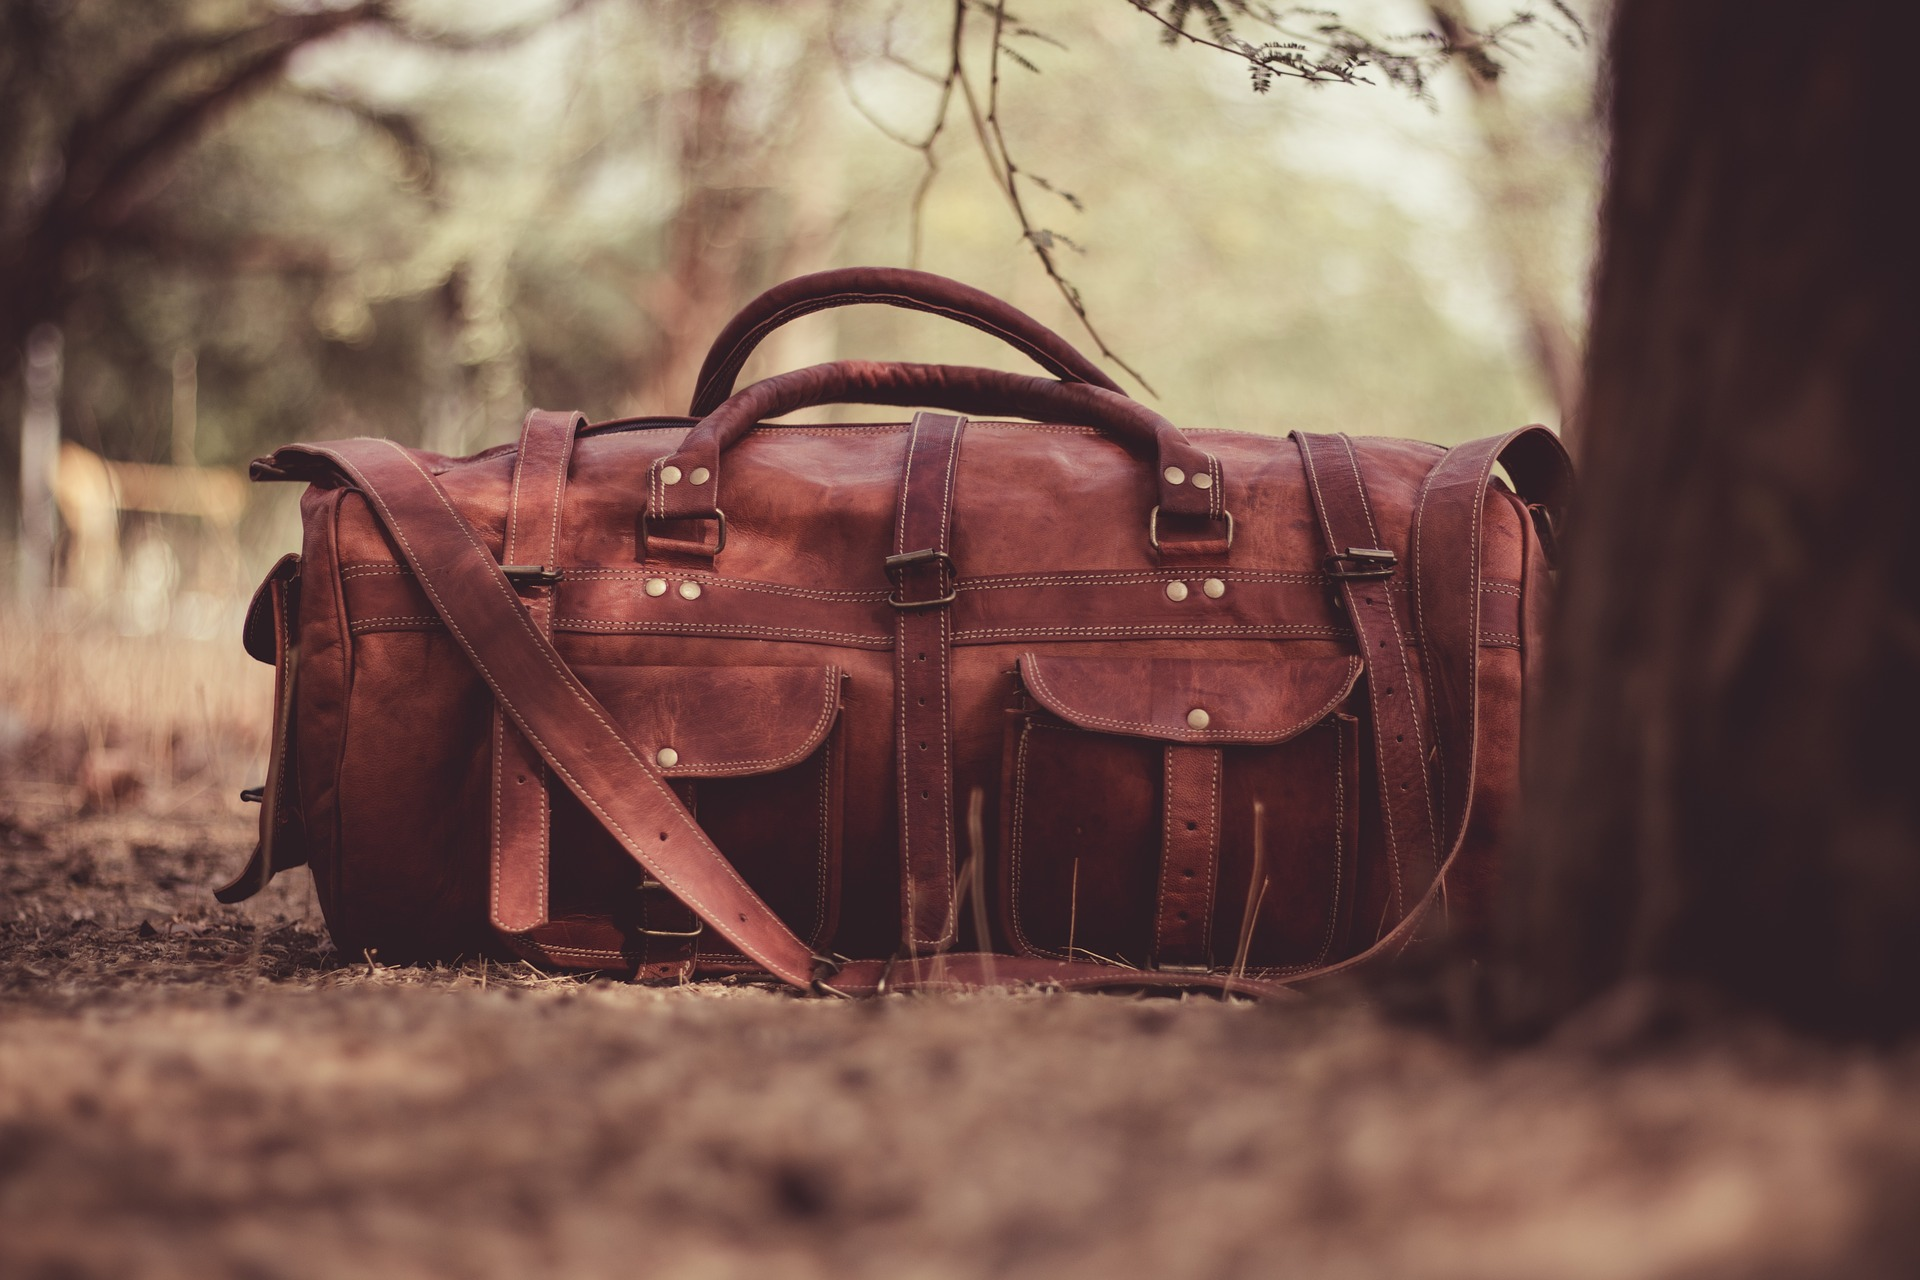 handbag-2599086_1920